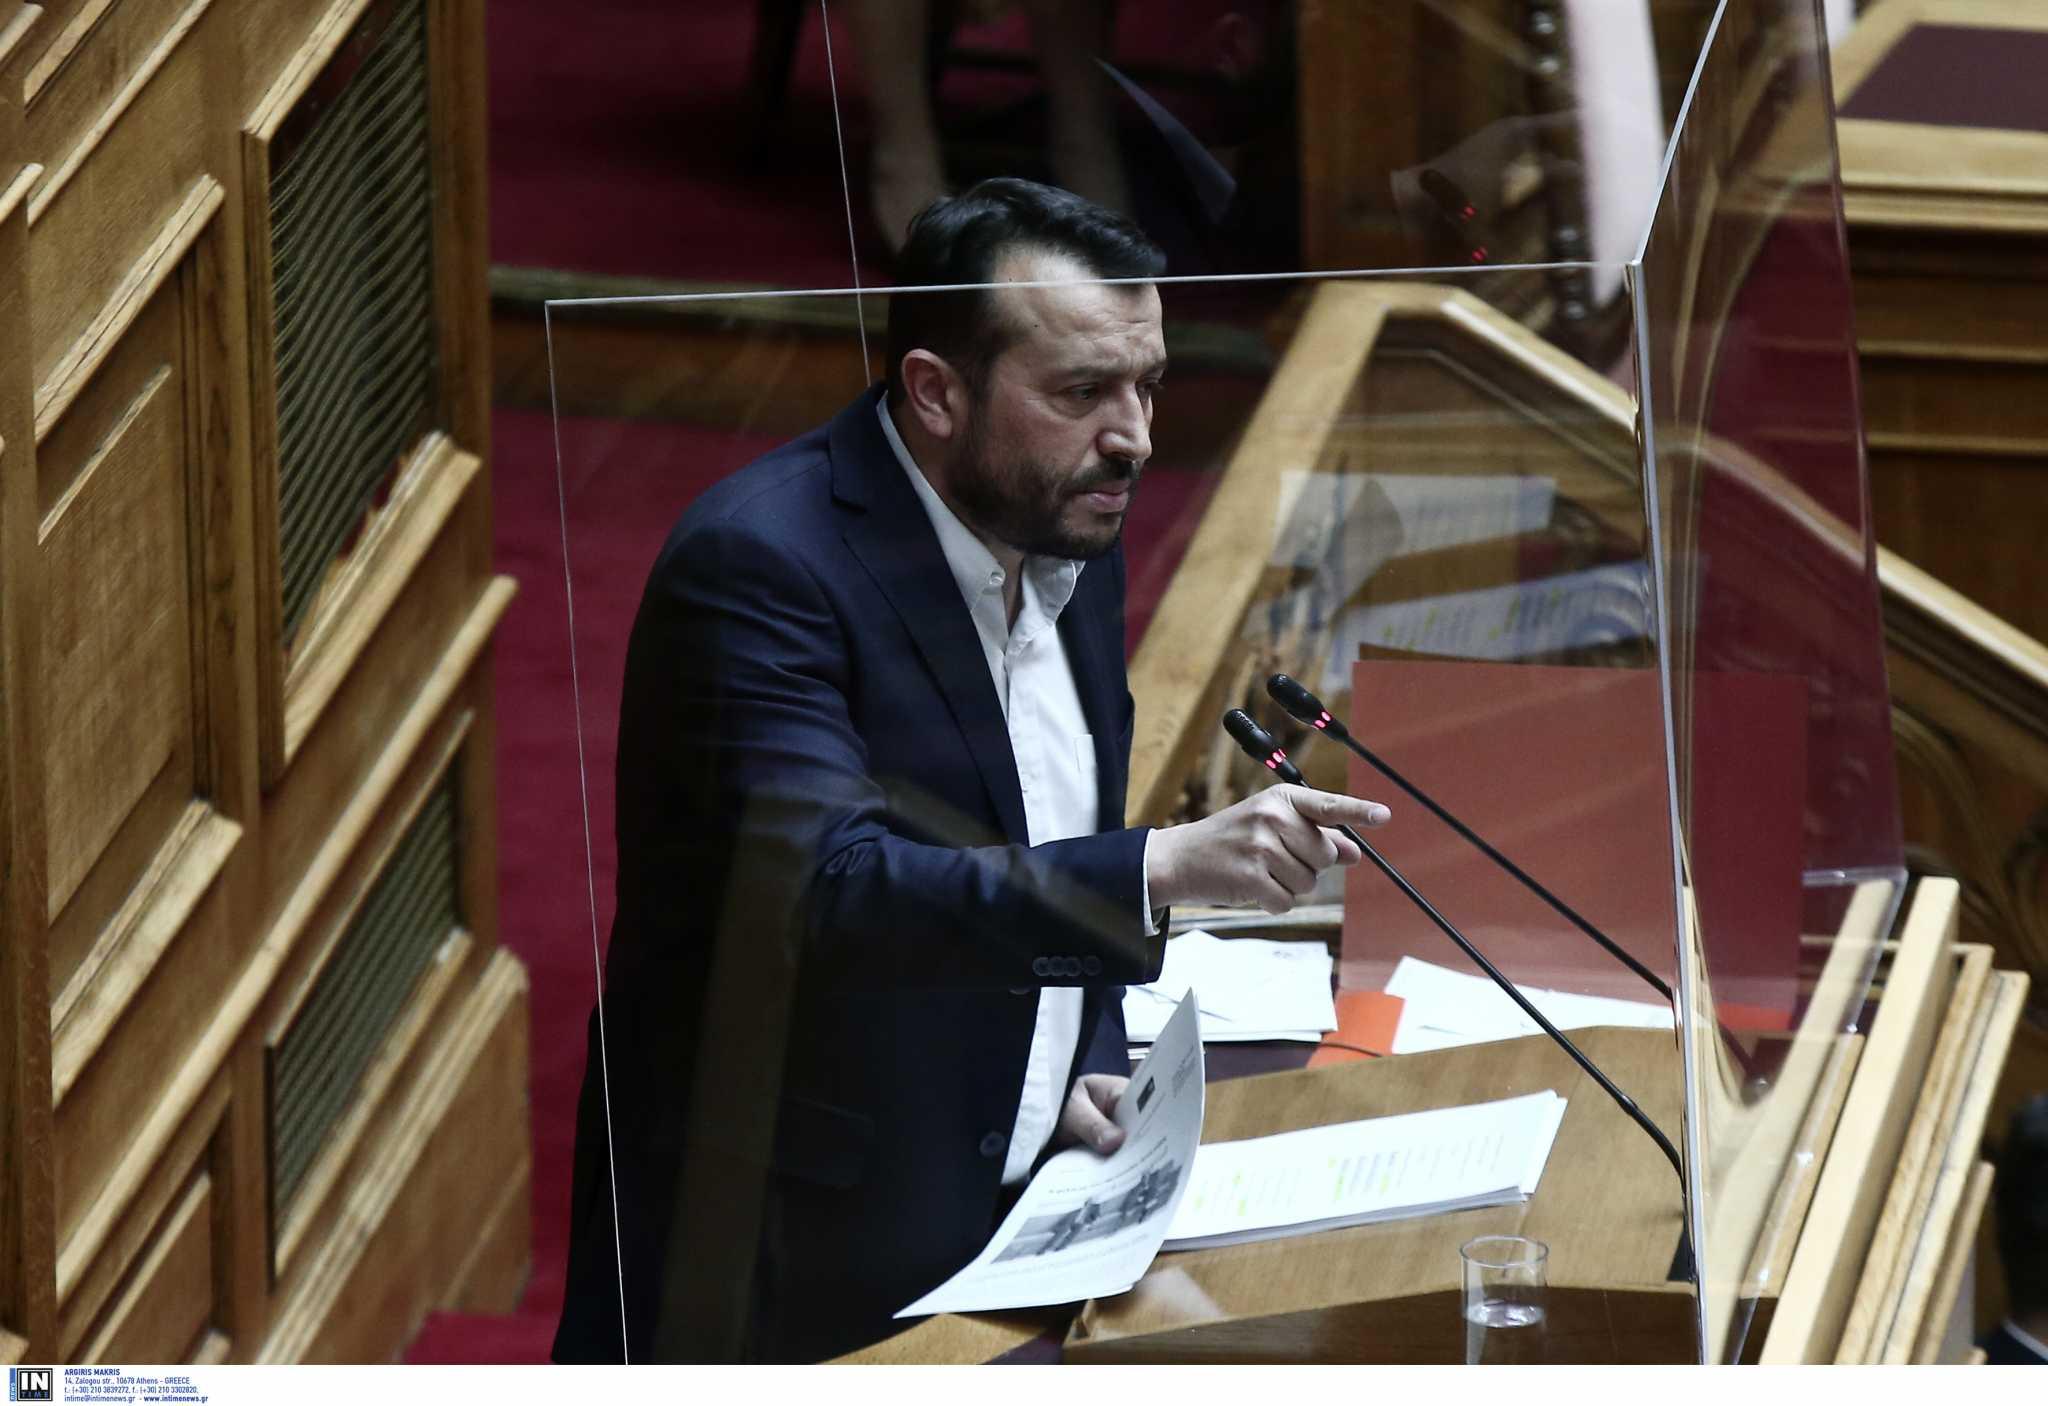 Νίκος Παππάς: Διάτρητη, αποσπασματική και προσβλητική η πρόταση της ΝΔ